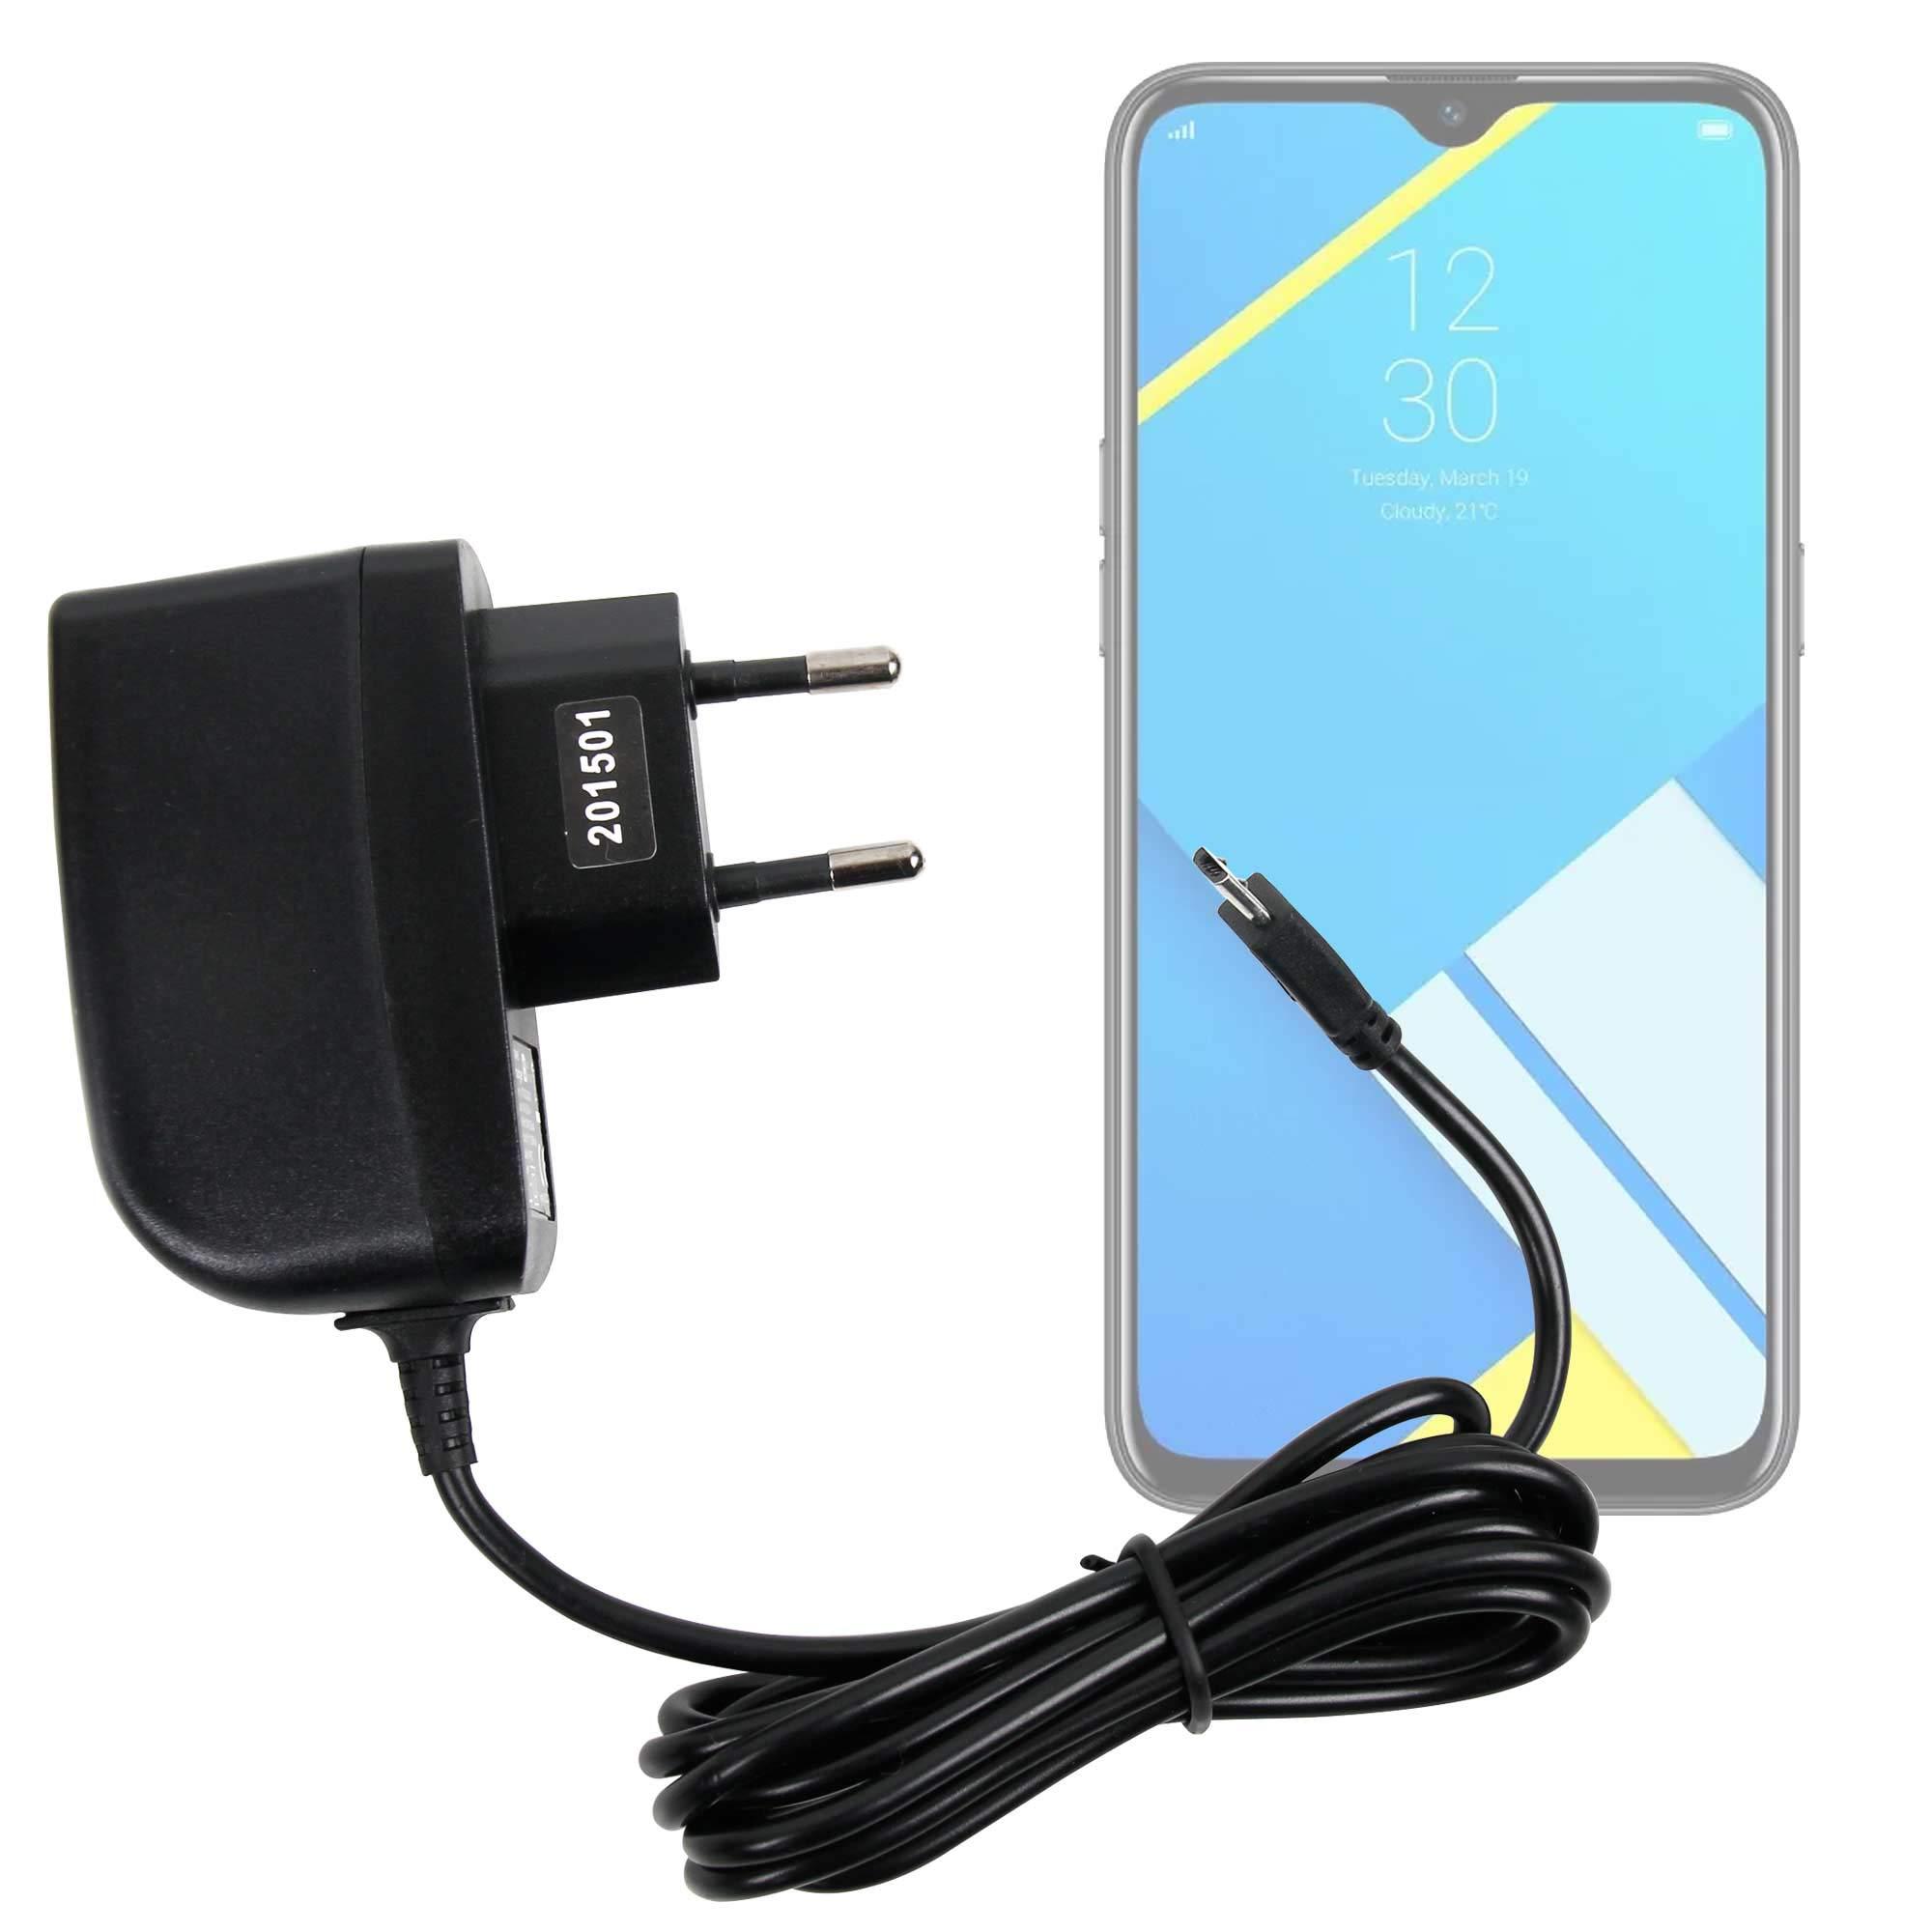 DURAGADGET Cargador (2 Amperios) Compatible con Smartphone Realme 5i, Realme C2s: Amazon.es: Electrónica